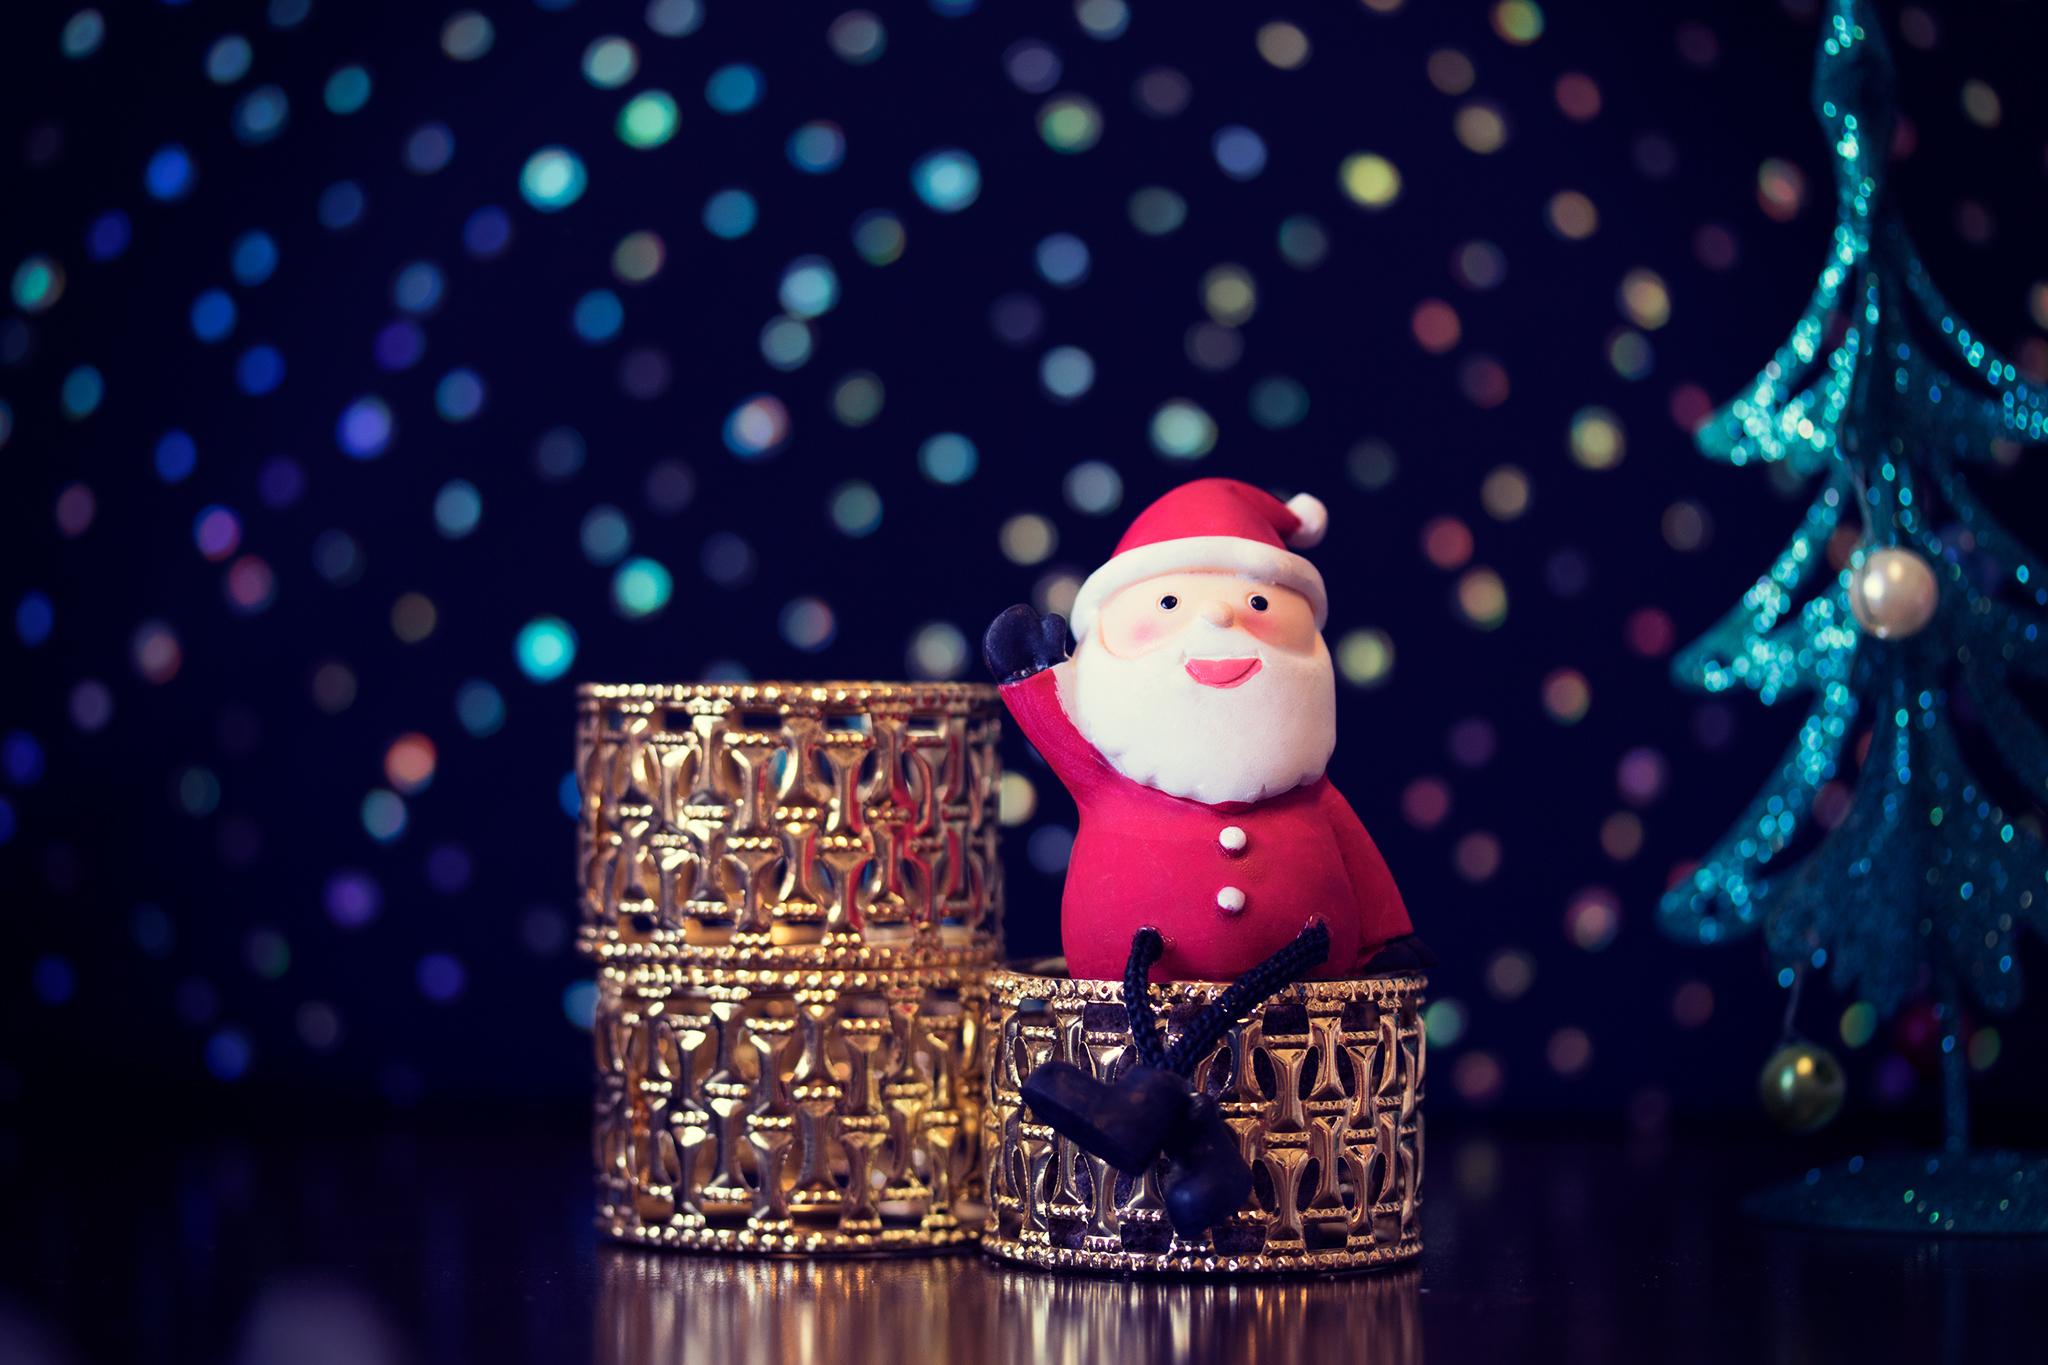 えいごであそぼの歌 12月歌詞の訳は?クリスマス英語育児フレーズも!